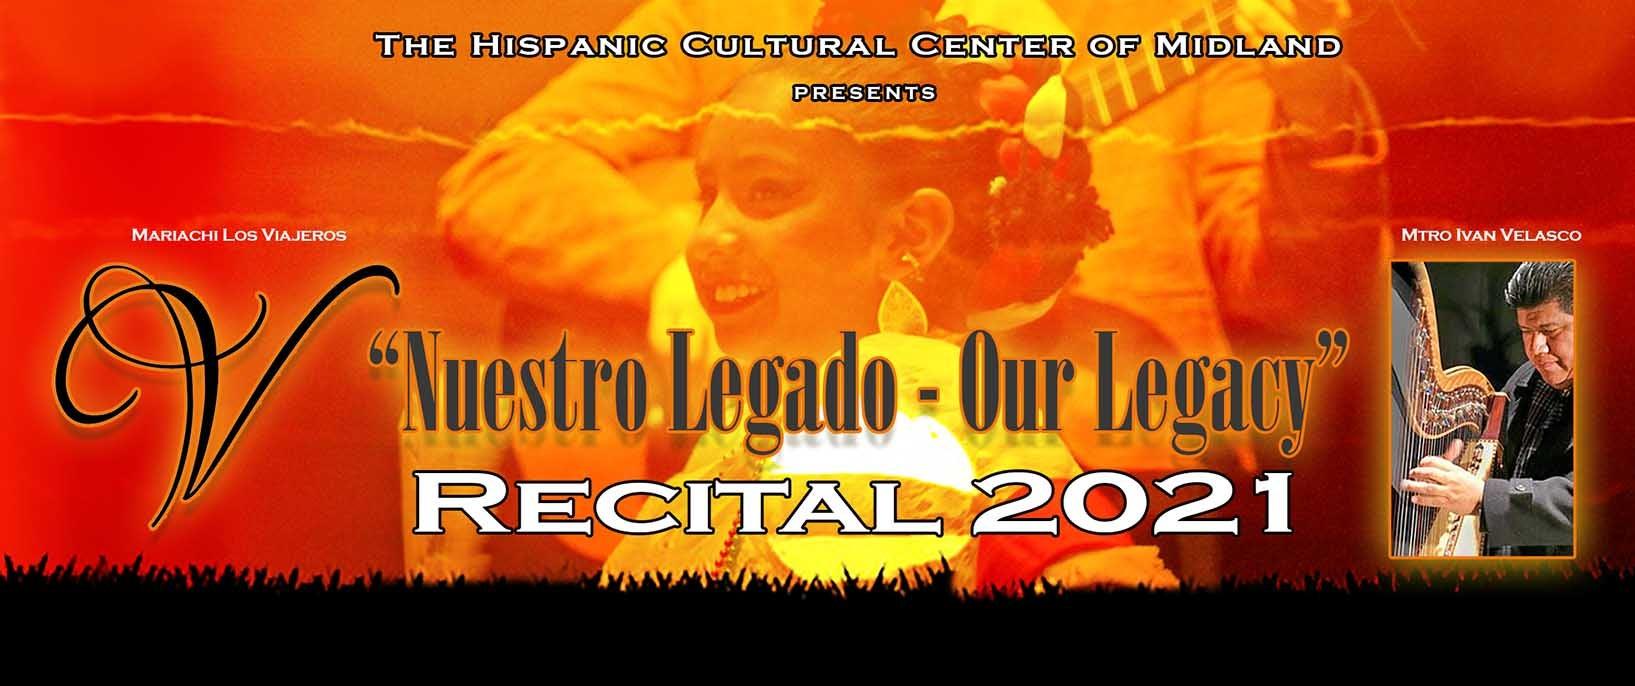 Nuestro Legado - Our Legacy 2021 Recital